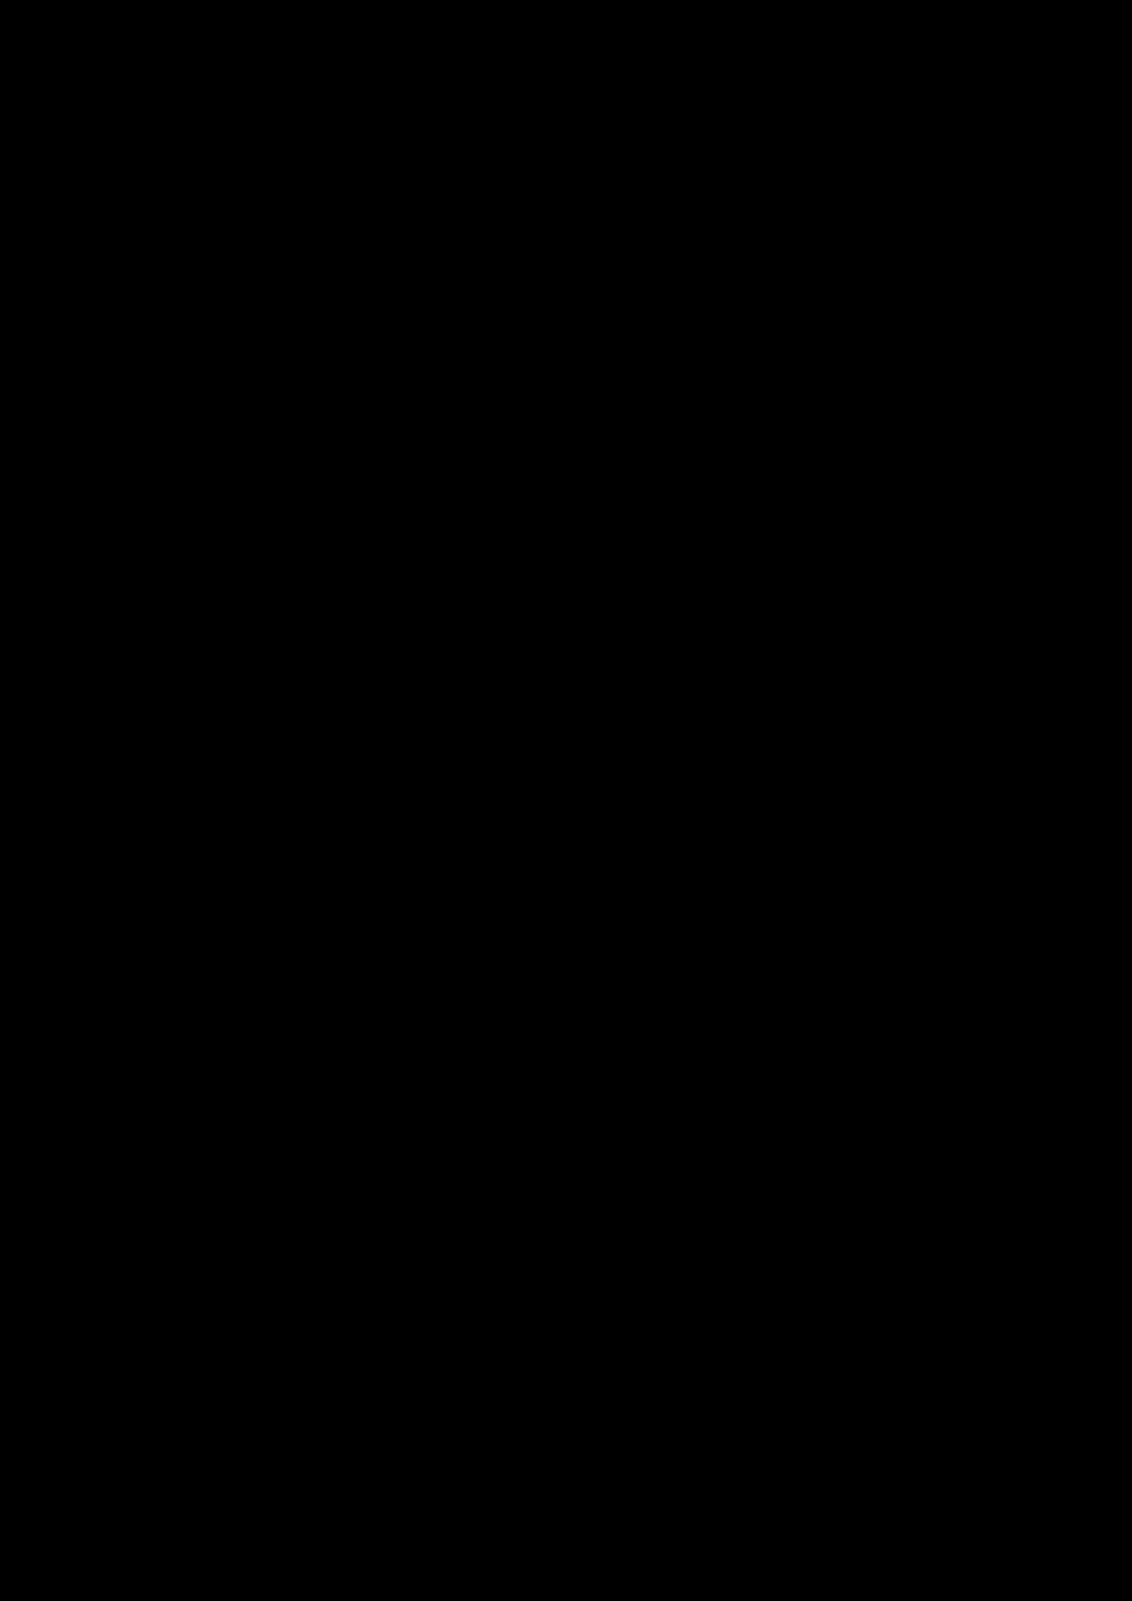 Prolog slide, Image 16